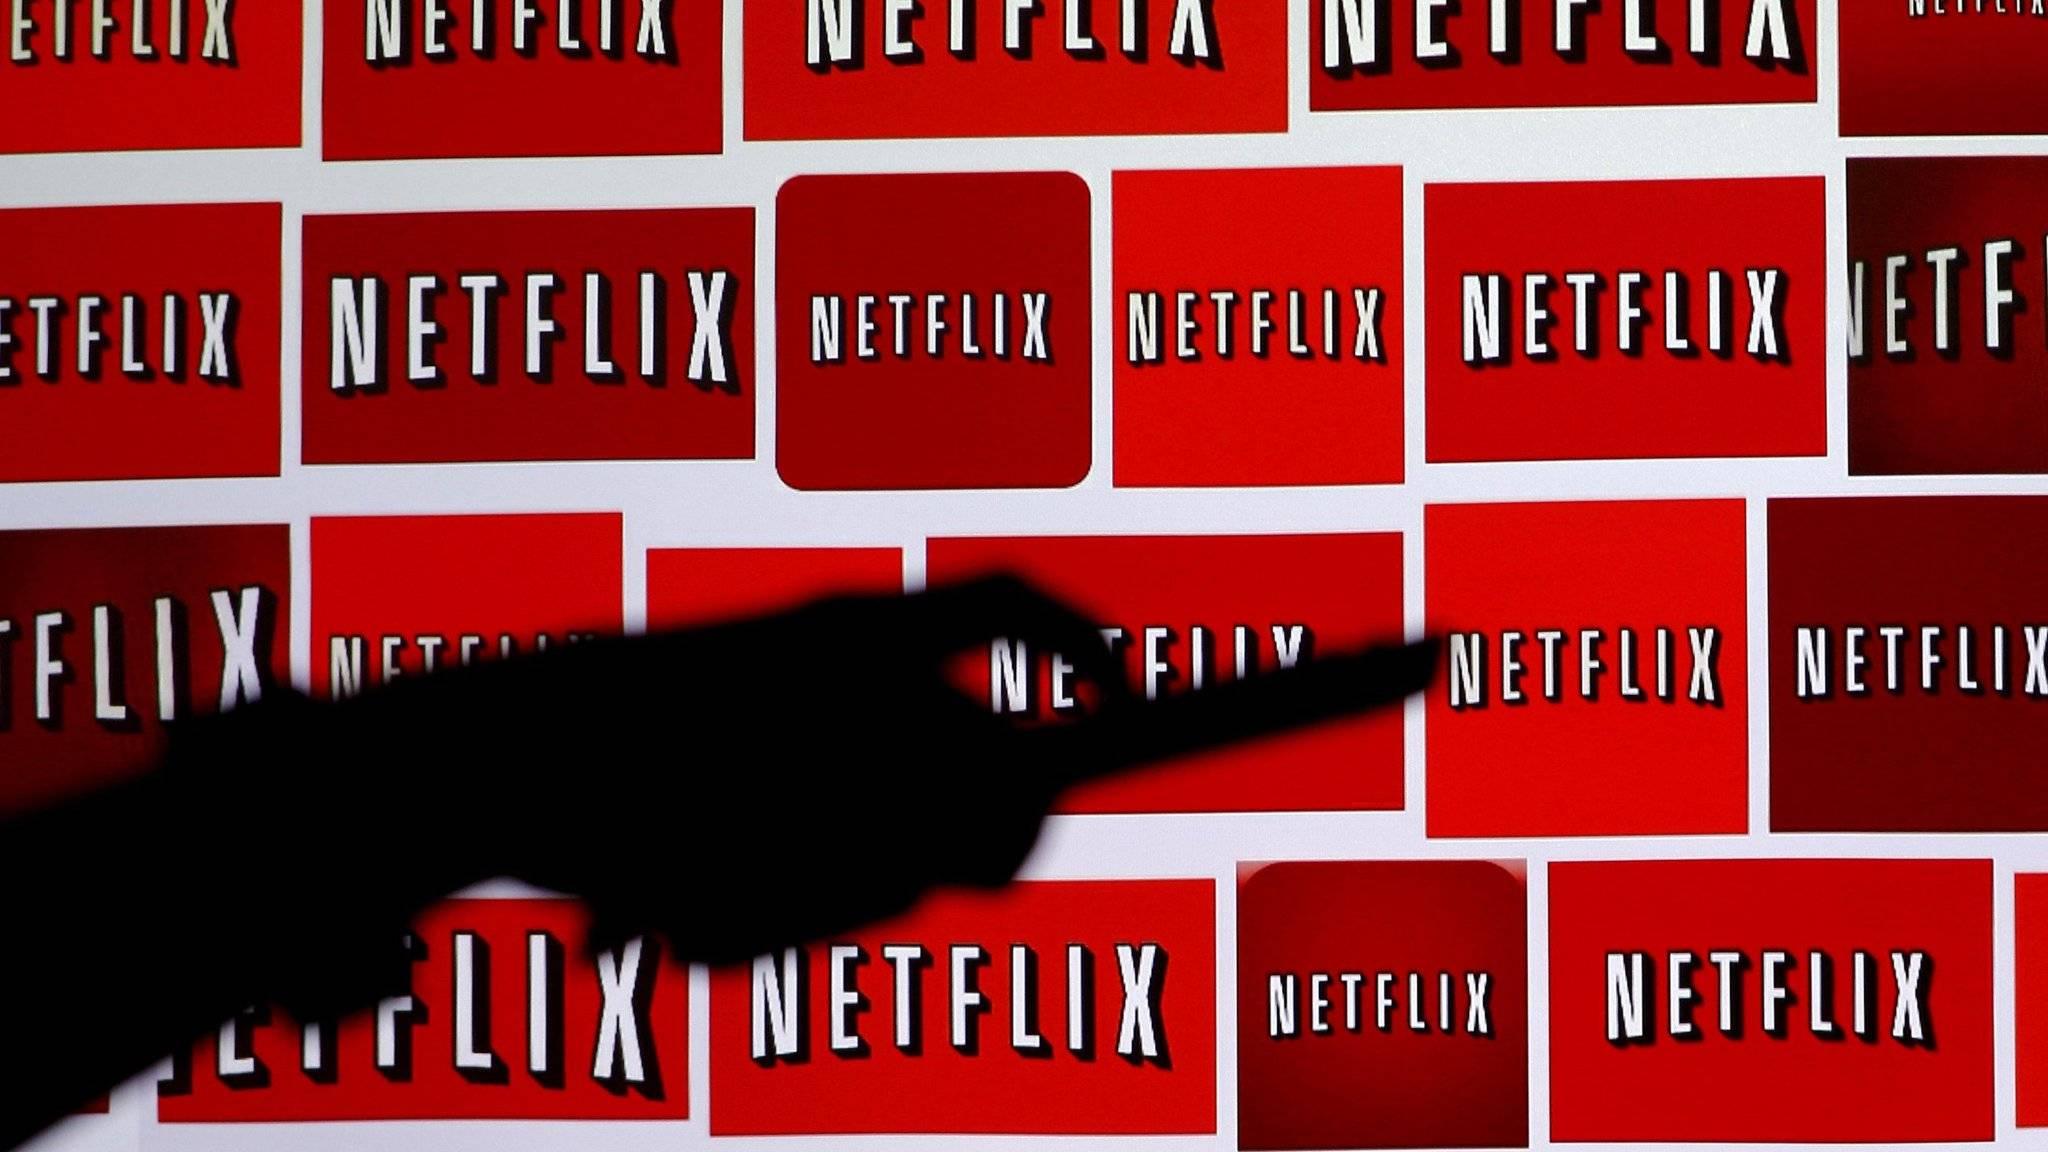 Netflix anunt clienti